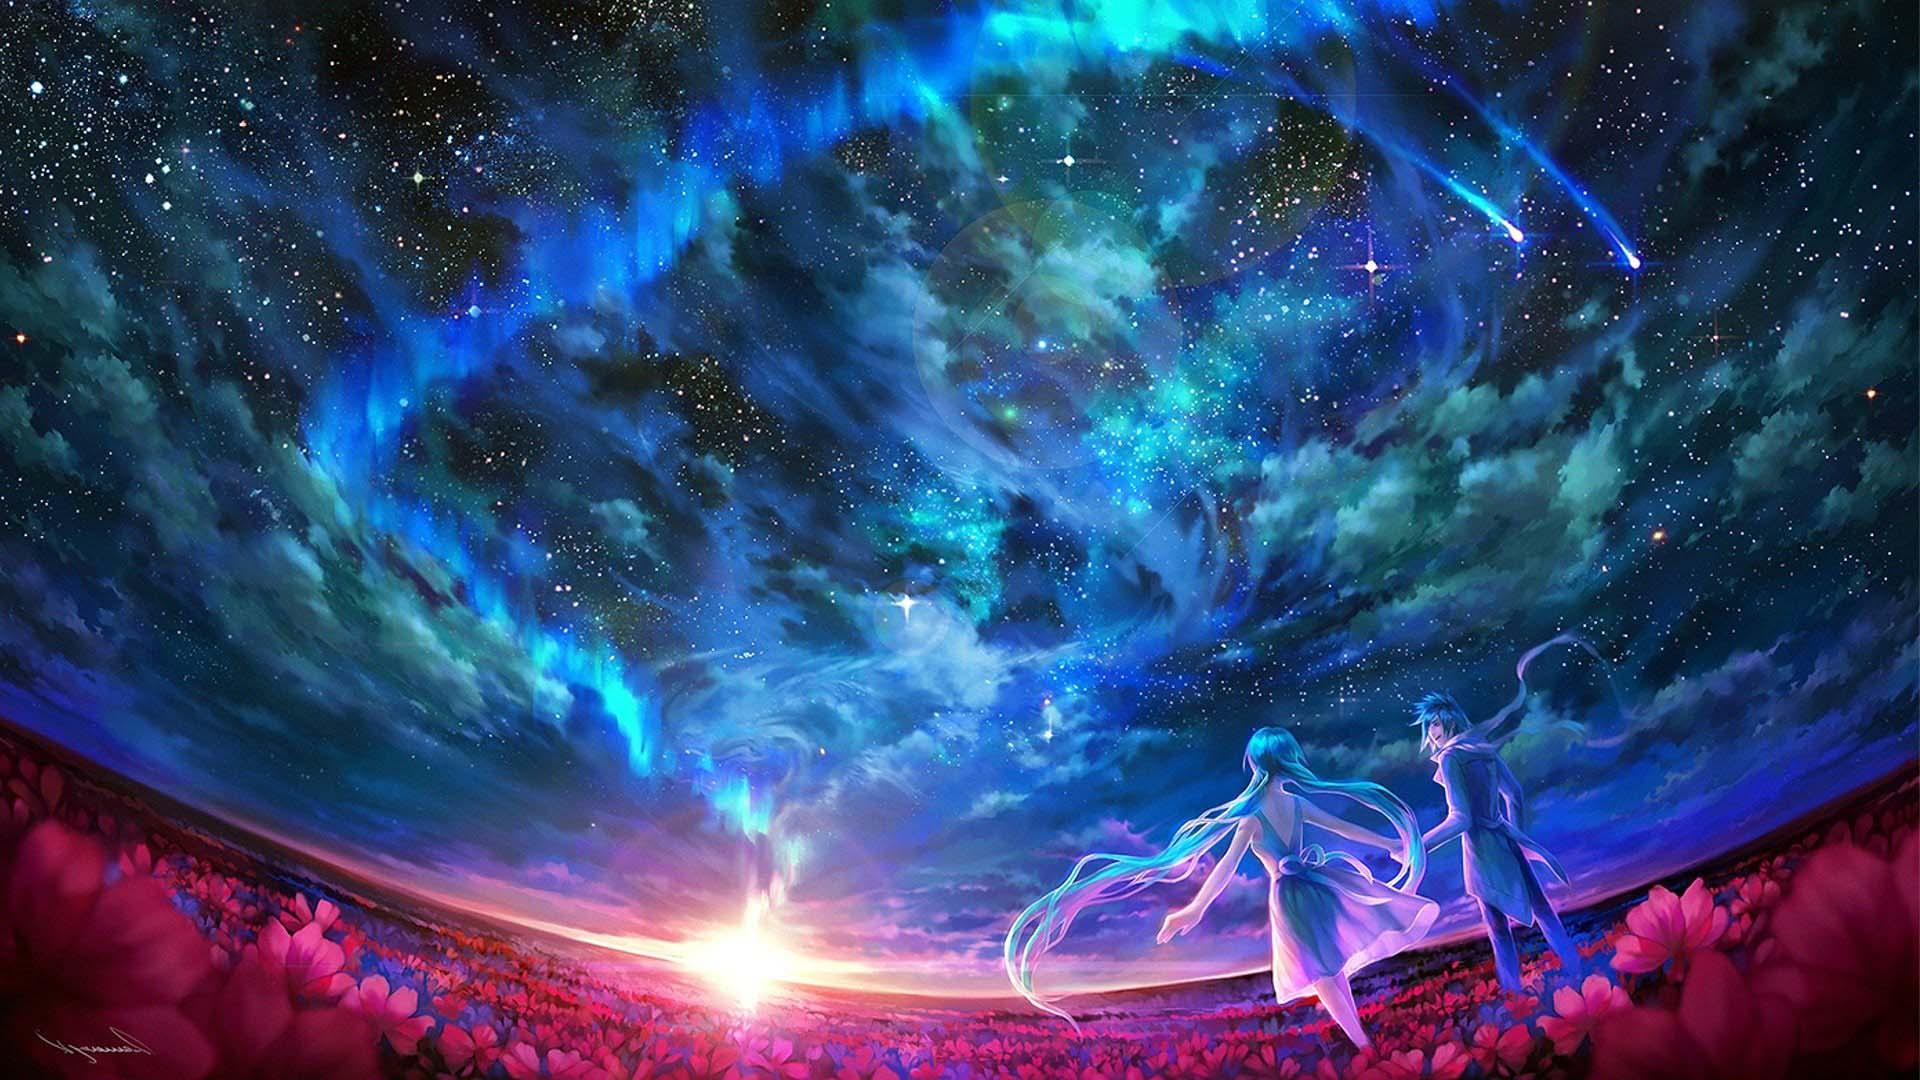 Ảnh anime galaxy phong cảnh đẹp nhất